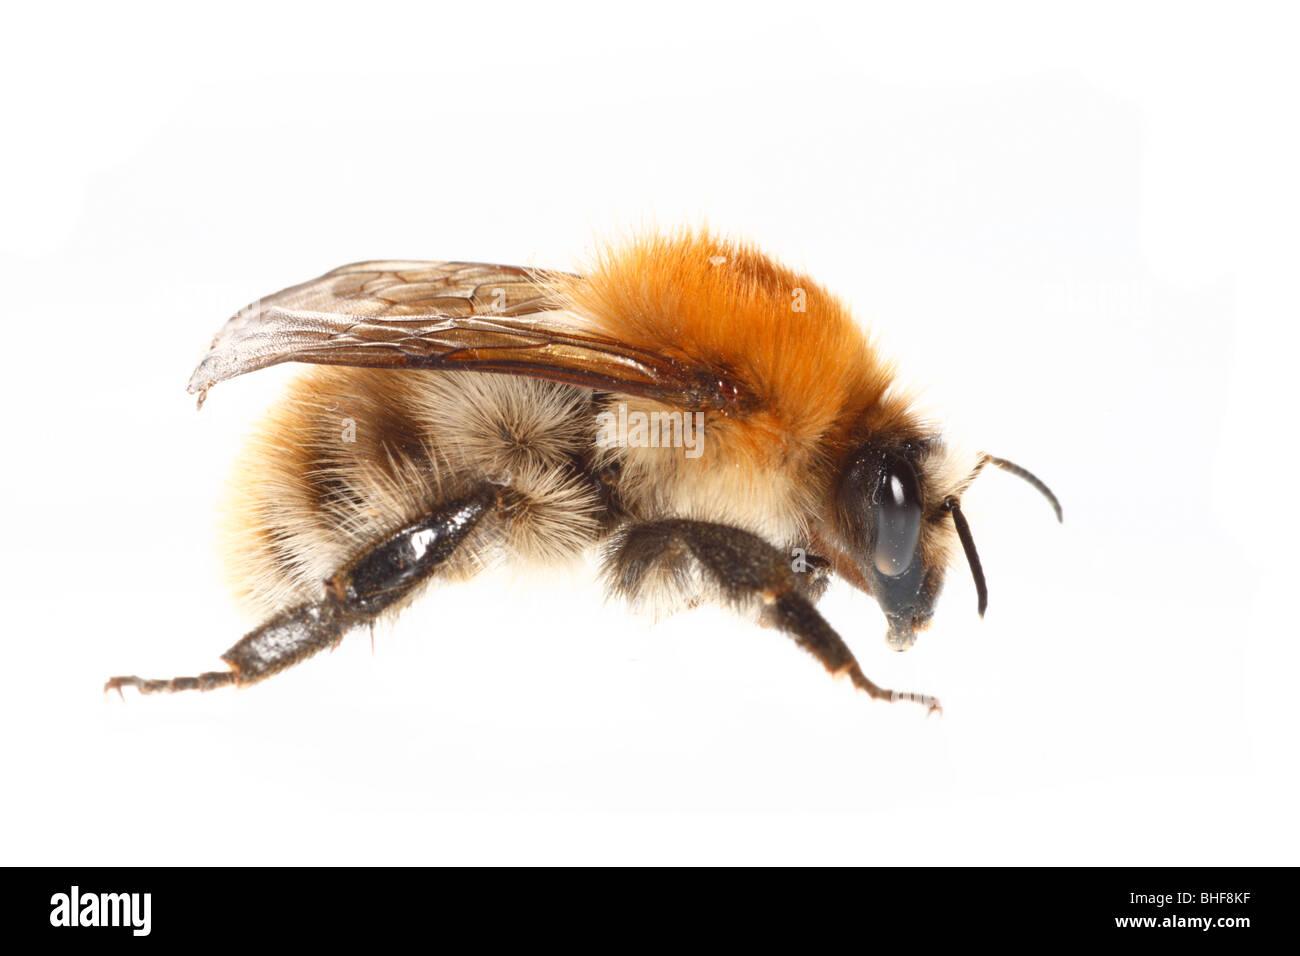 Gemeinsamen Carder Hummel (Bombus Pascuorum) Königin. Leben Sie Insekt vor einem weißen Hintergrund auf Stockbild